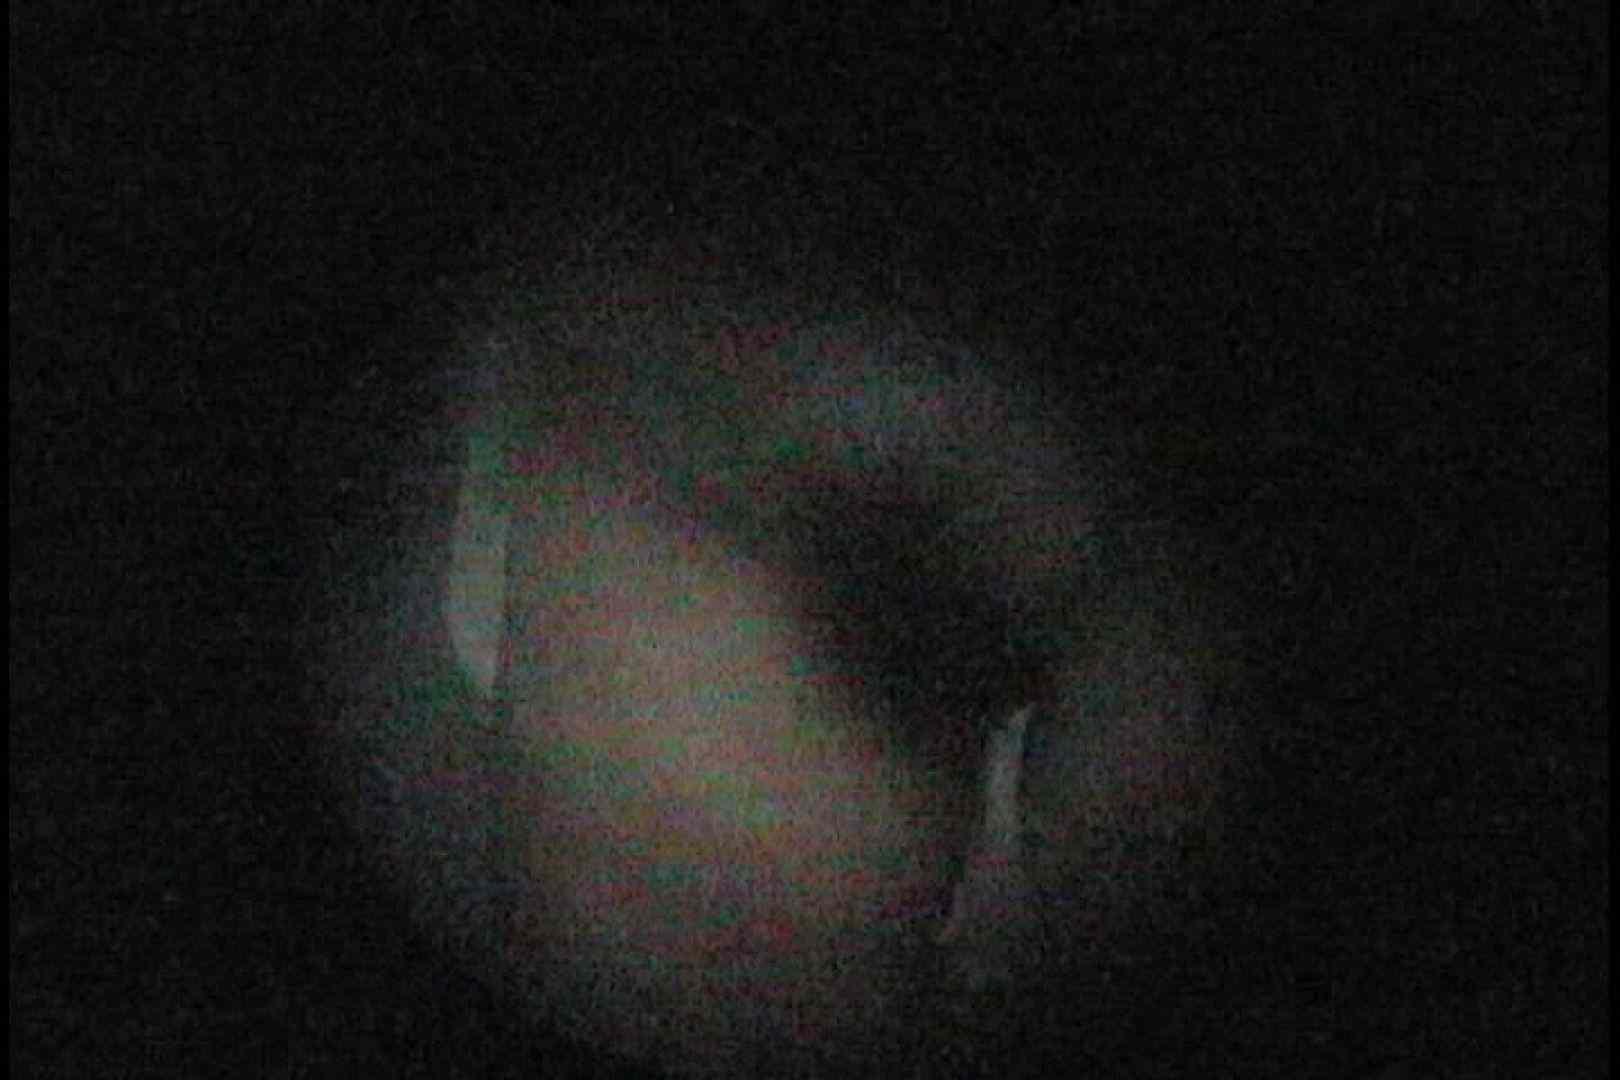 無修正おまんこ動画|No.110 タンポン発見美人お女市さん カメラに目線が!|怪盗ジョーカー